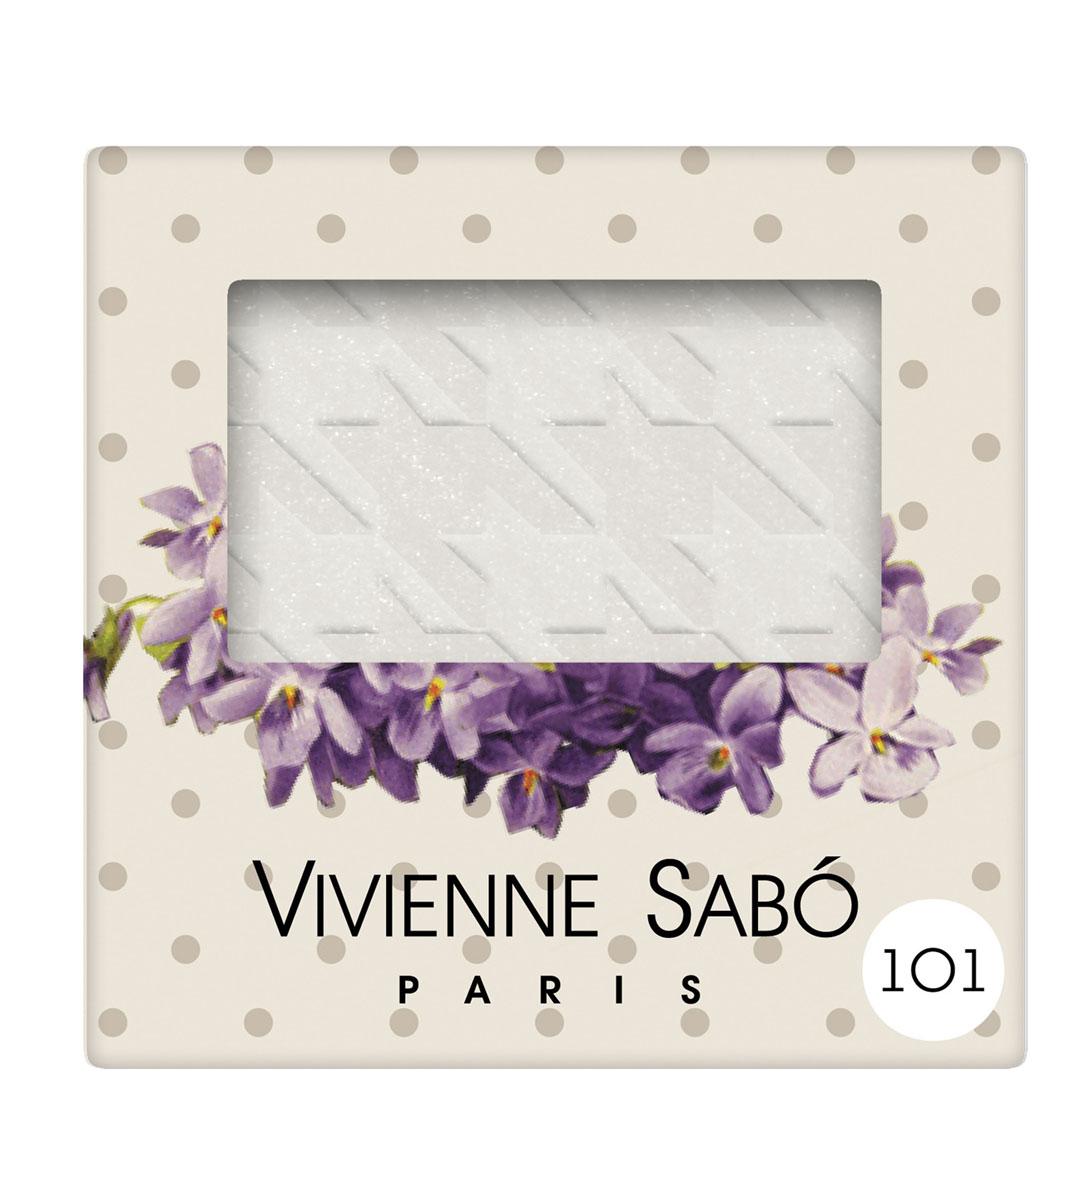 Vivienne Sabo Тени для век мерцающие Rue de Rivoli, тон 101, 3 гd215006101Тени Vivienne Sabo с мерцающими блестками – этот эффект стал возможен благодаря натуральному серебру в составе. Текстура теней, повторяющая знаменитый узор «пье-де-пуль», введенный в моду Коко Шанель – напоминание о том, что улица Риволи – прекрасное место для шоппинга. Они идеальны как для несложного макияжа в один тон, так и для техники smoky eyes – модной и стильной.